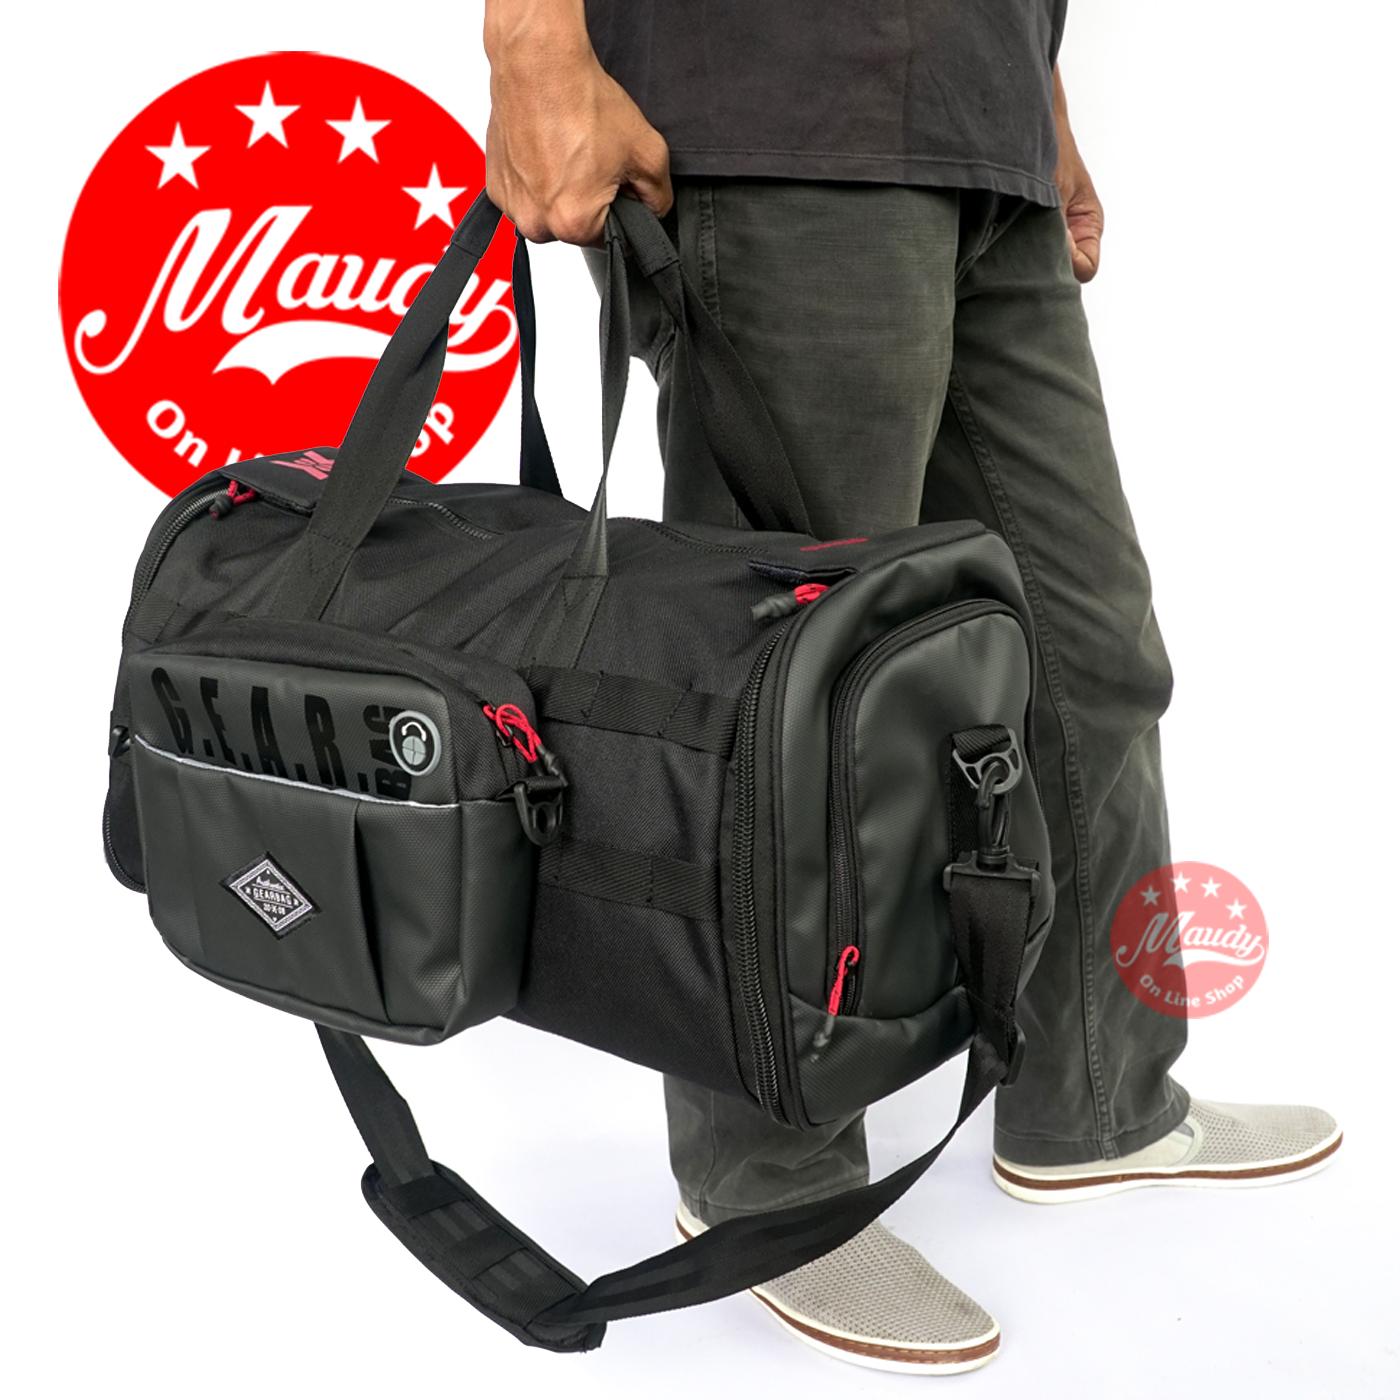 travel bag duffel bag messenger bag tas pakaian pria tas jinjing tas selempang tas olahraga tas mudik tas multifungsi tas elegan – gearbag outland